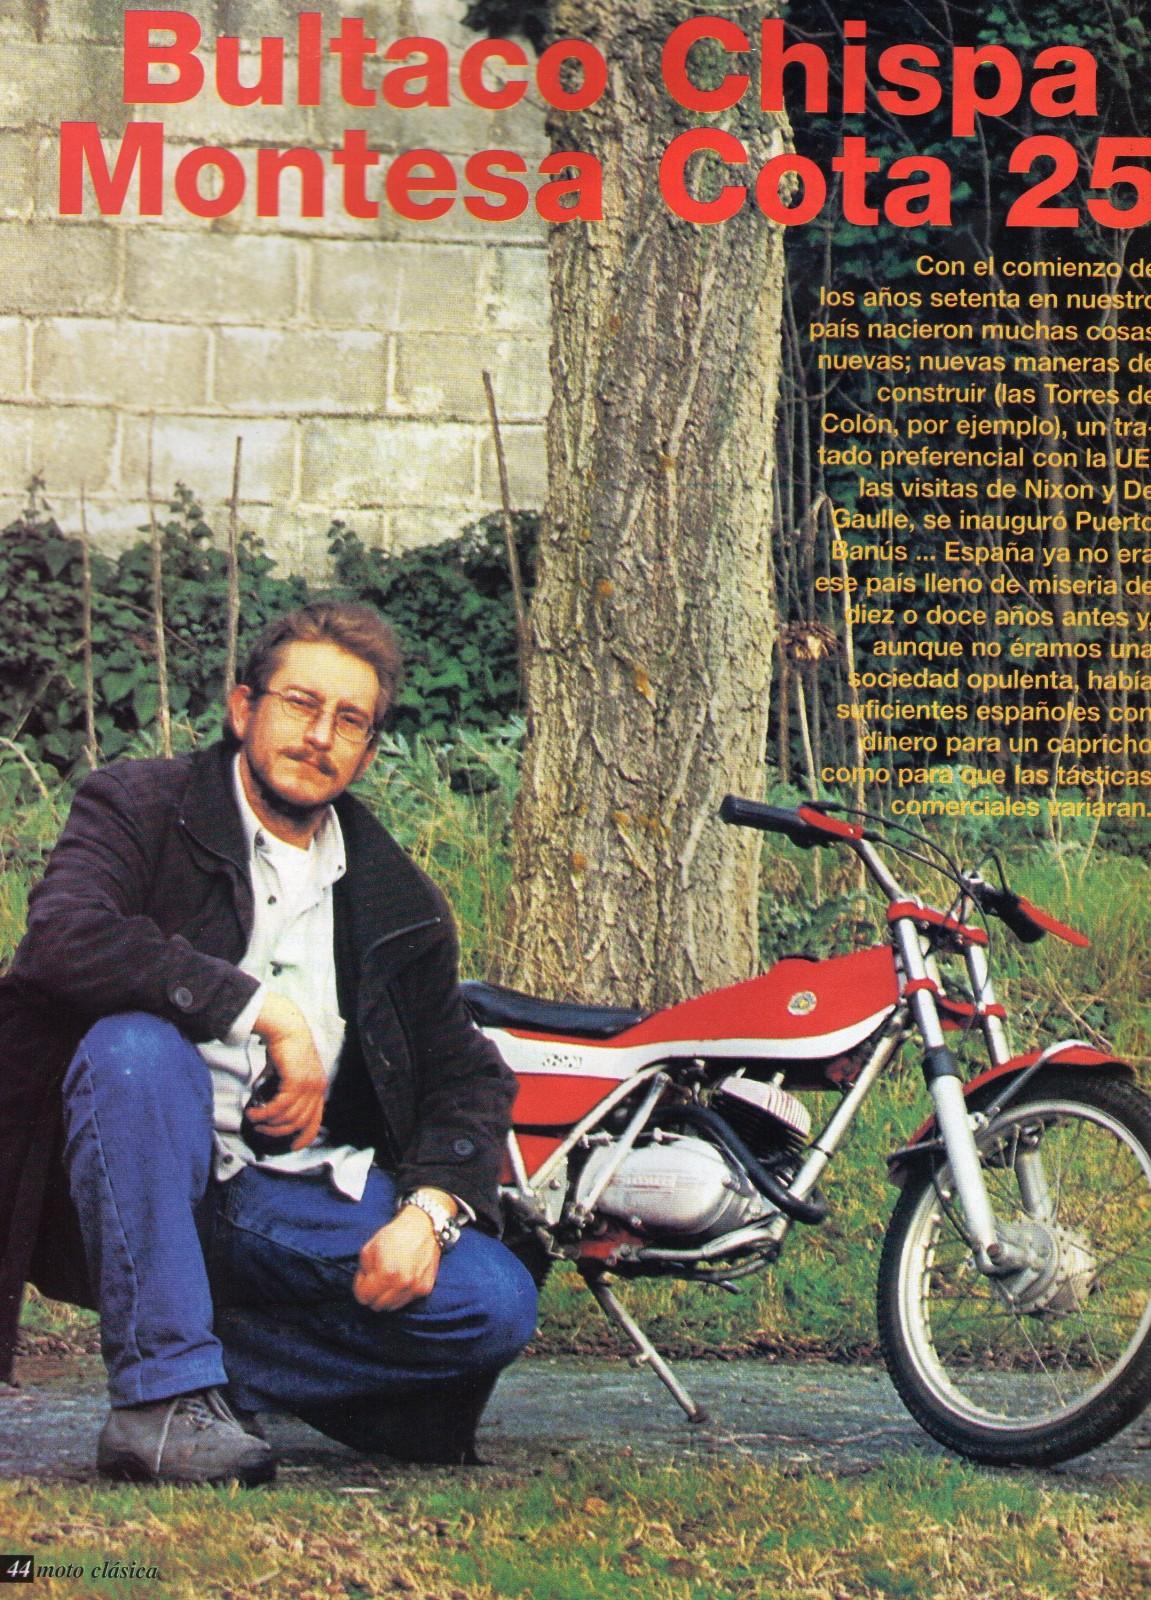 Comparativa Cota 25 con Bultaco chispa 2uyqc06